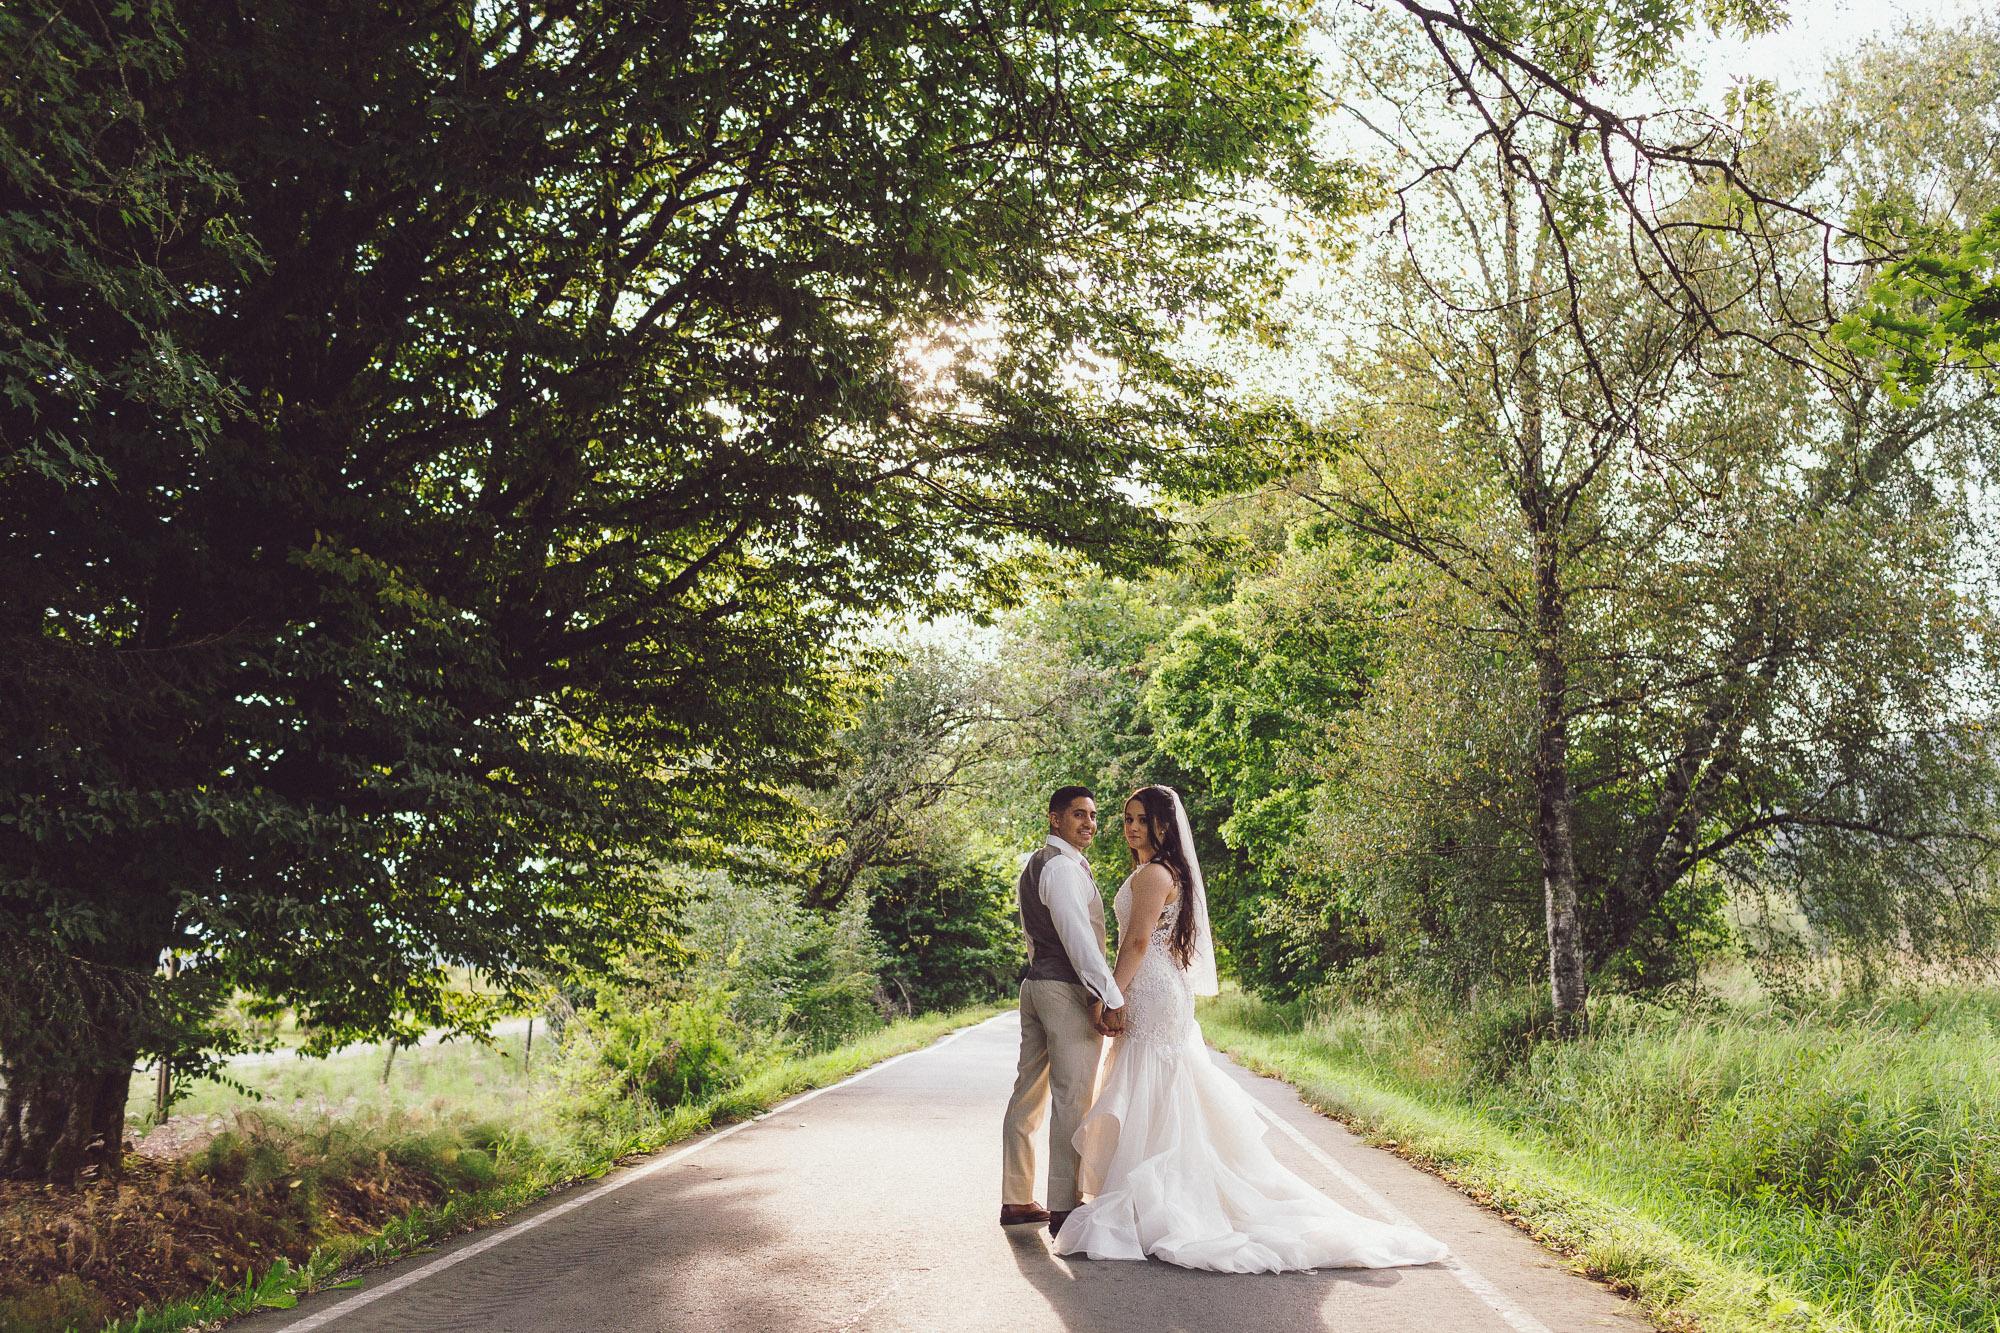 Ramona & Matthew - Minnekhada Lodge Summer Wedding